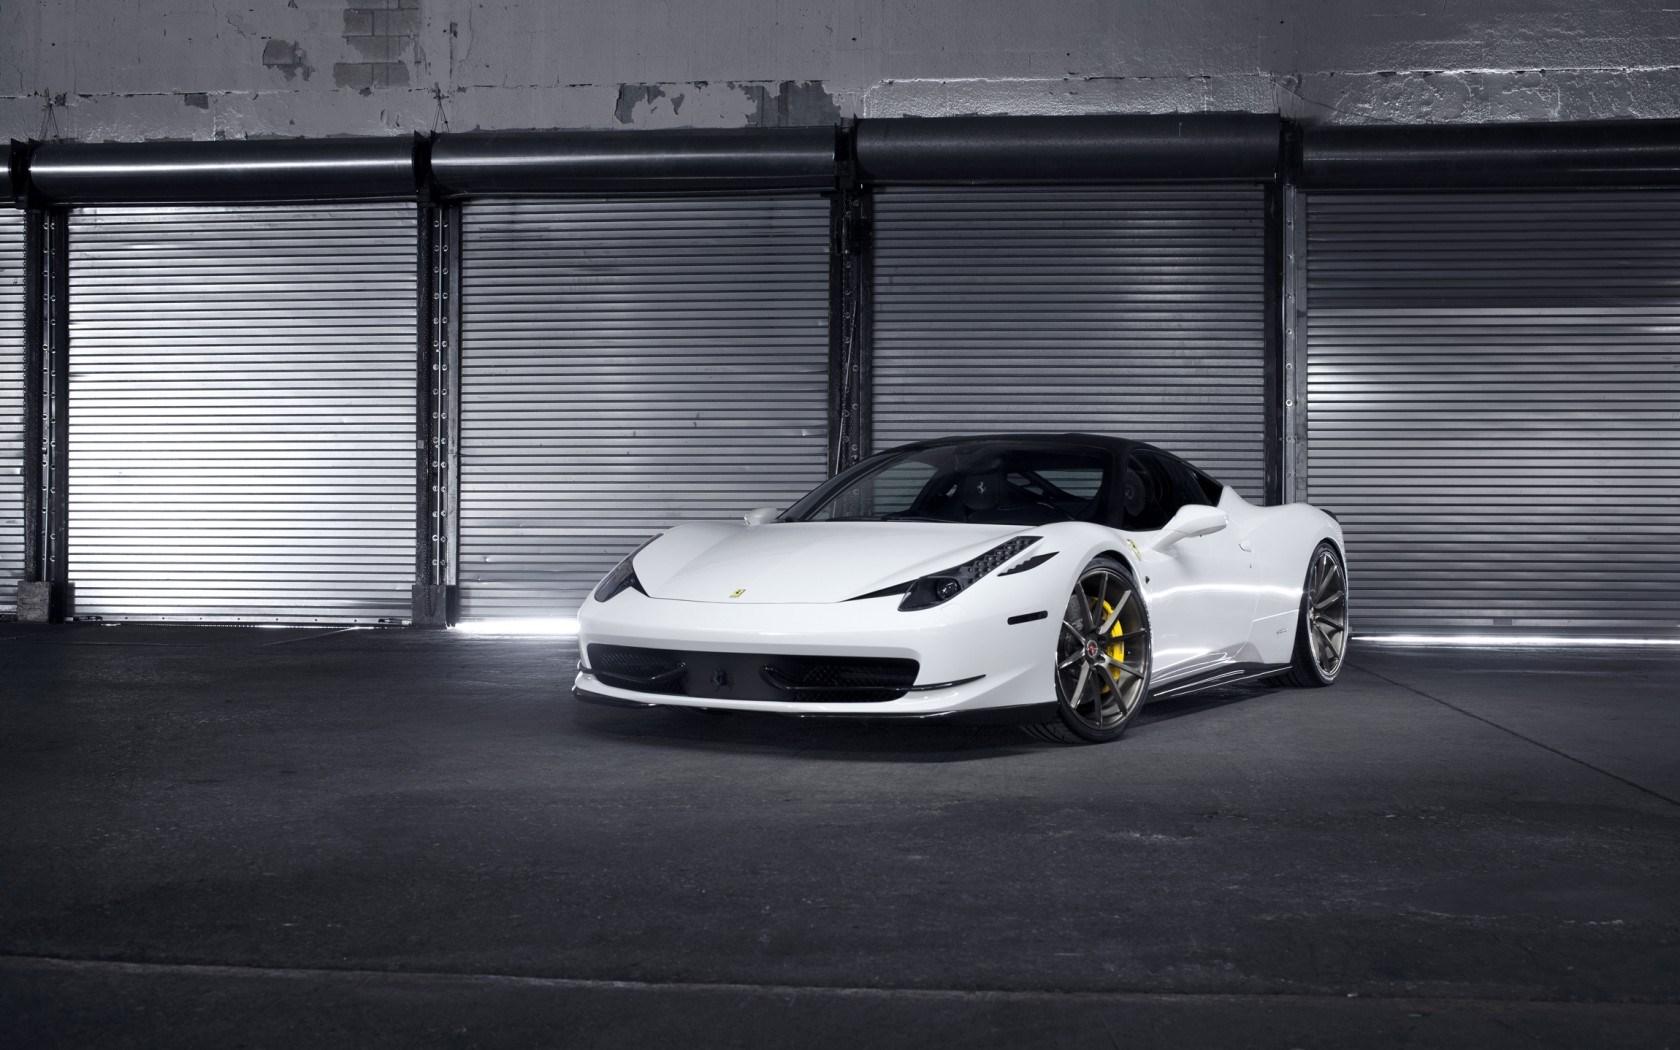 ferrari 458 italia white garage